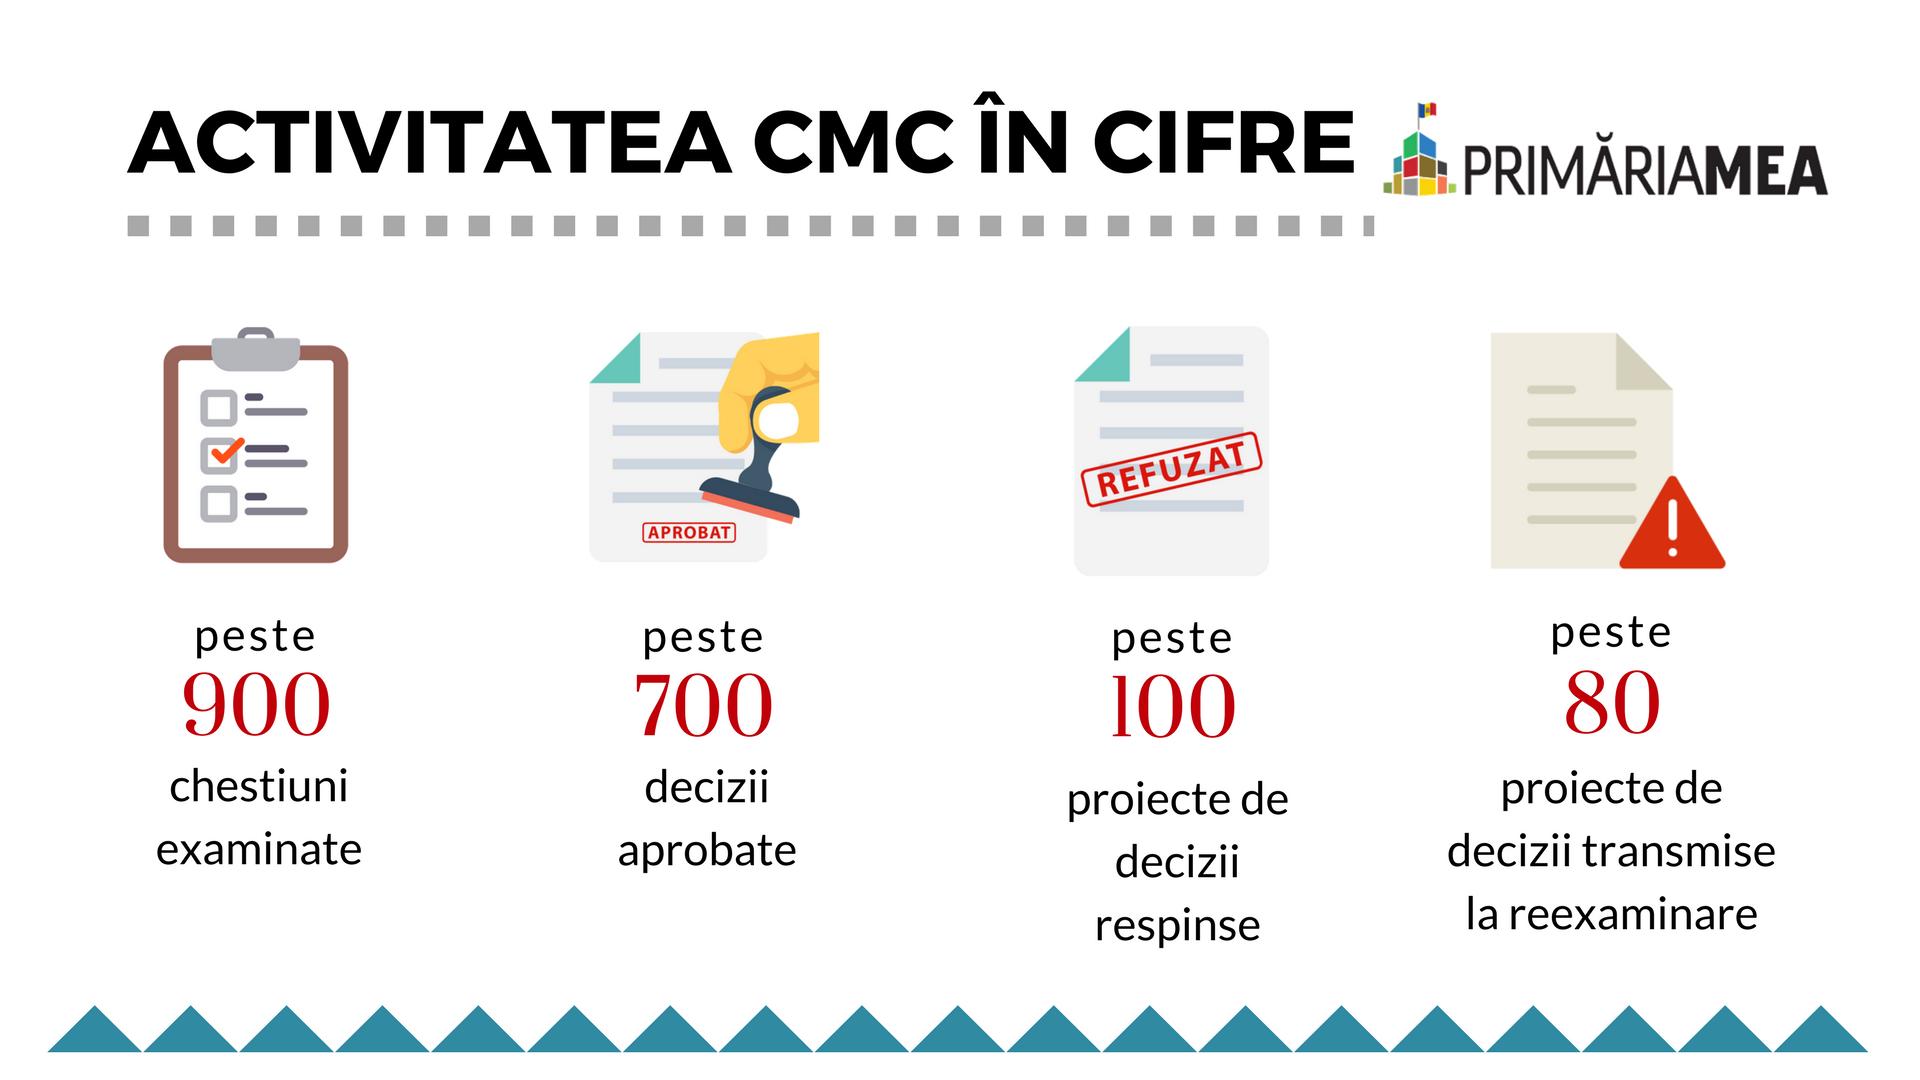 Activitatea CMC